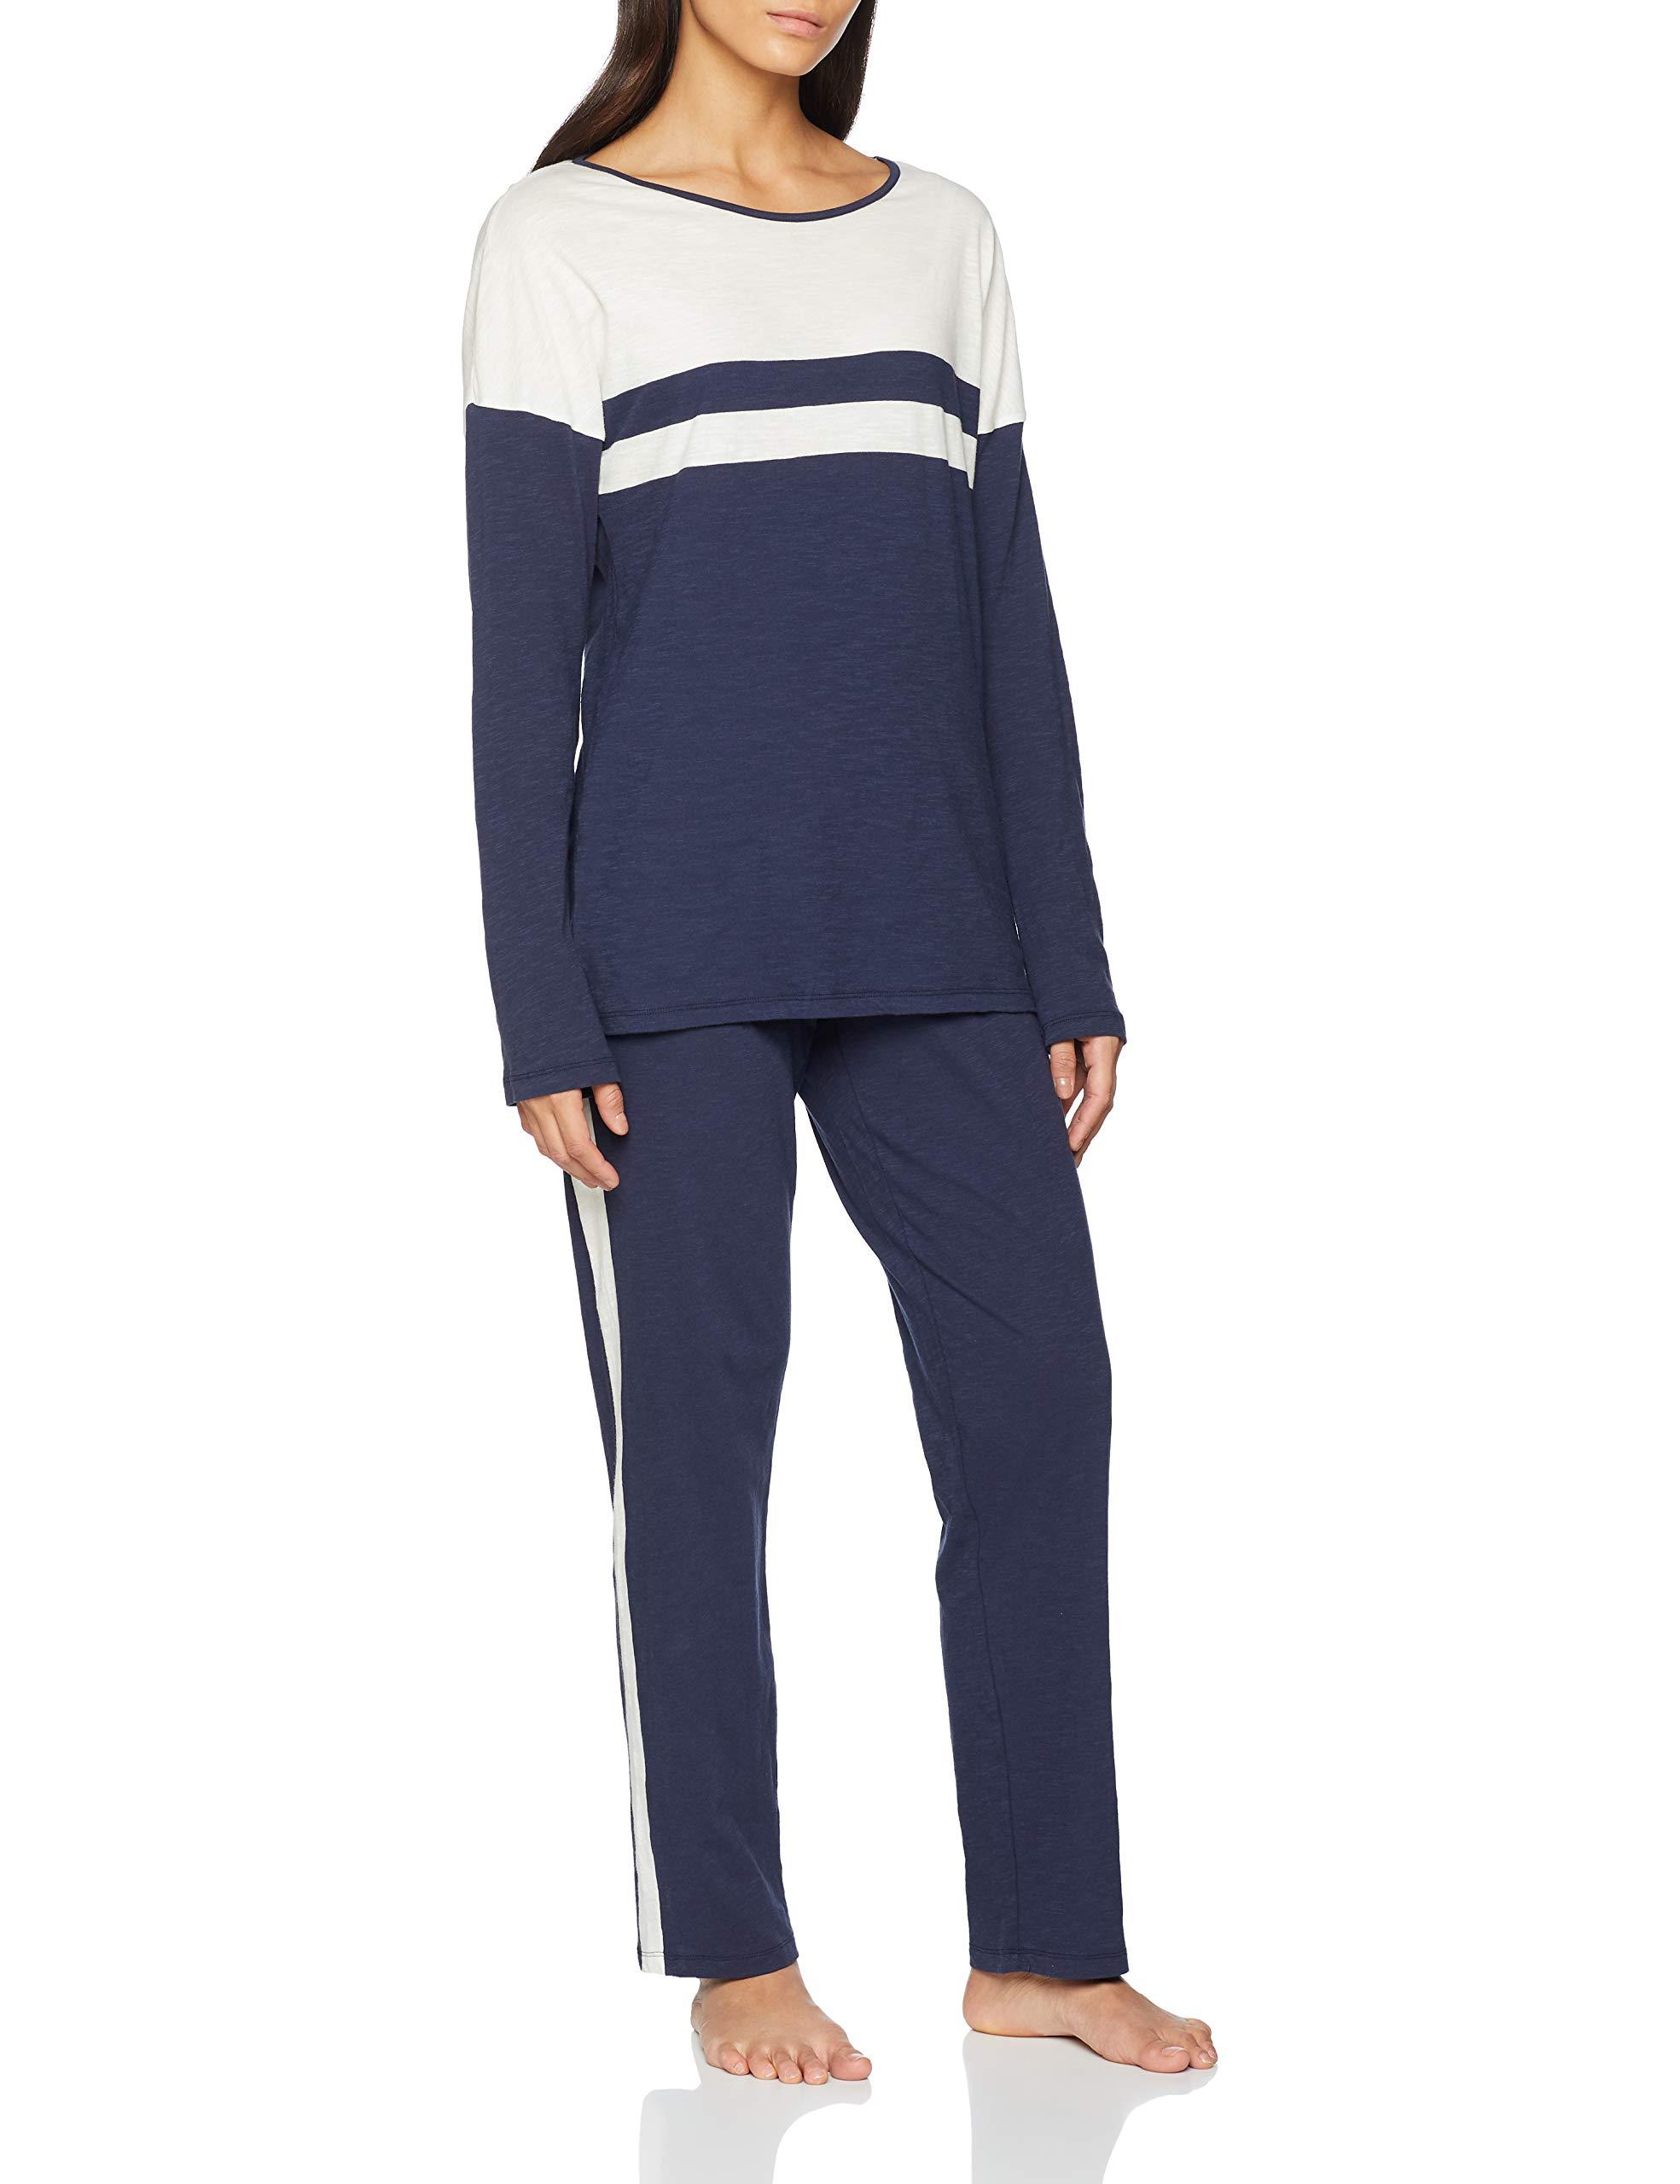 PyjamaBleudunkelblau Seidensticker Lang 80352taille Anzug Fabricant050Femme Ensemble De kZTPOiuX